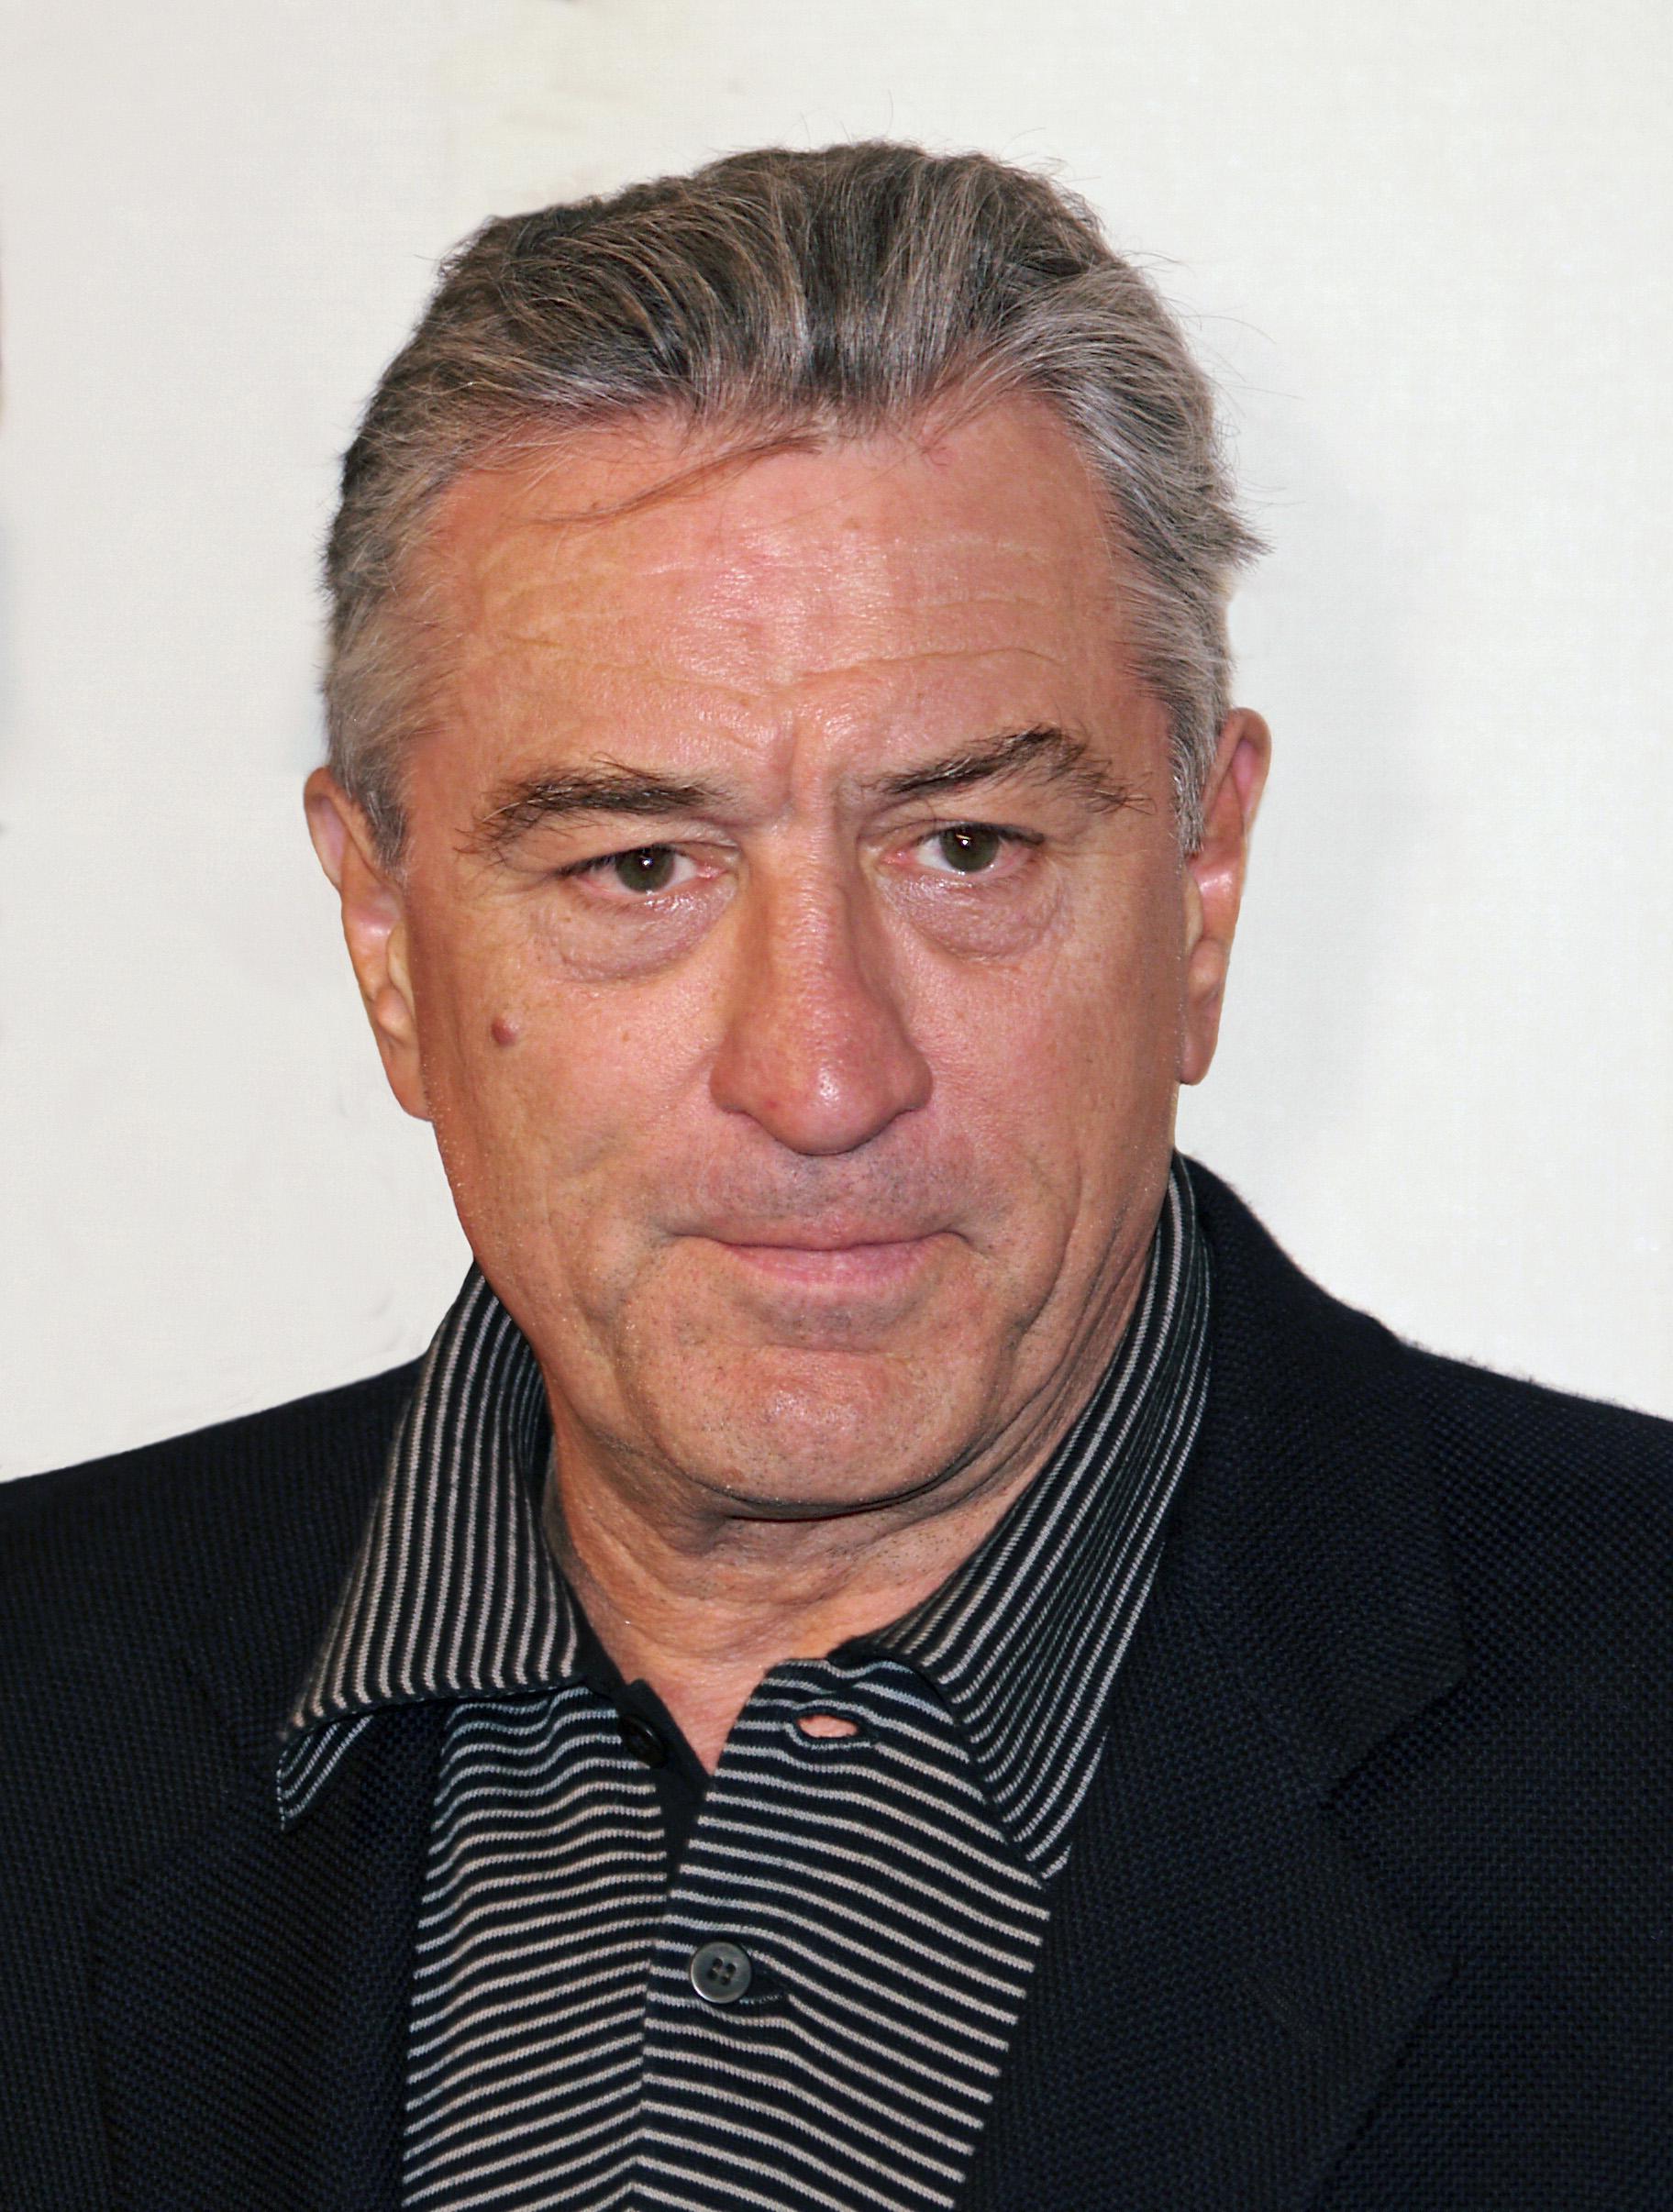 File:Robert De Niro 2 ...